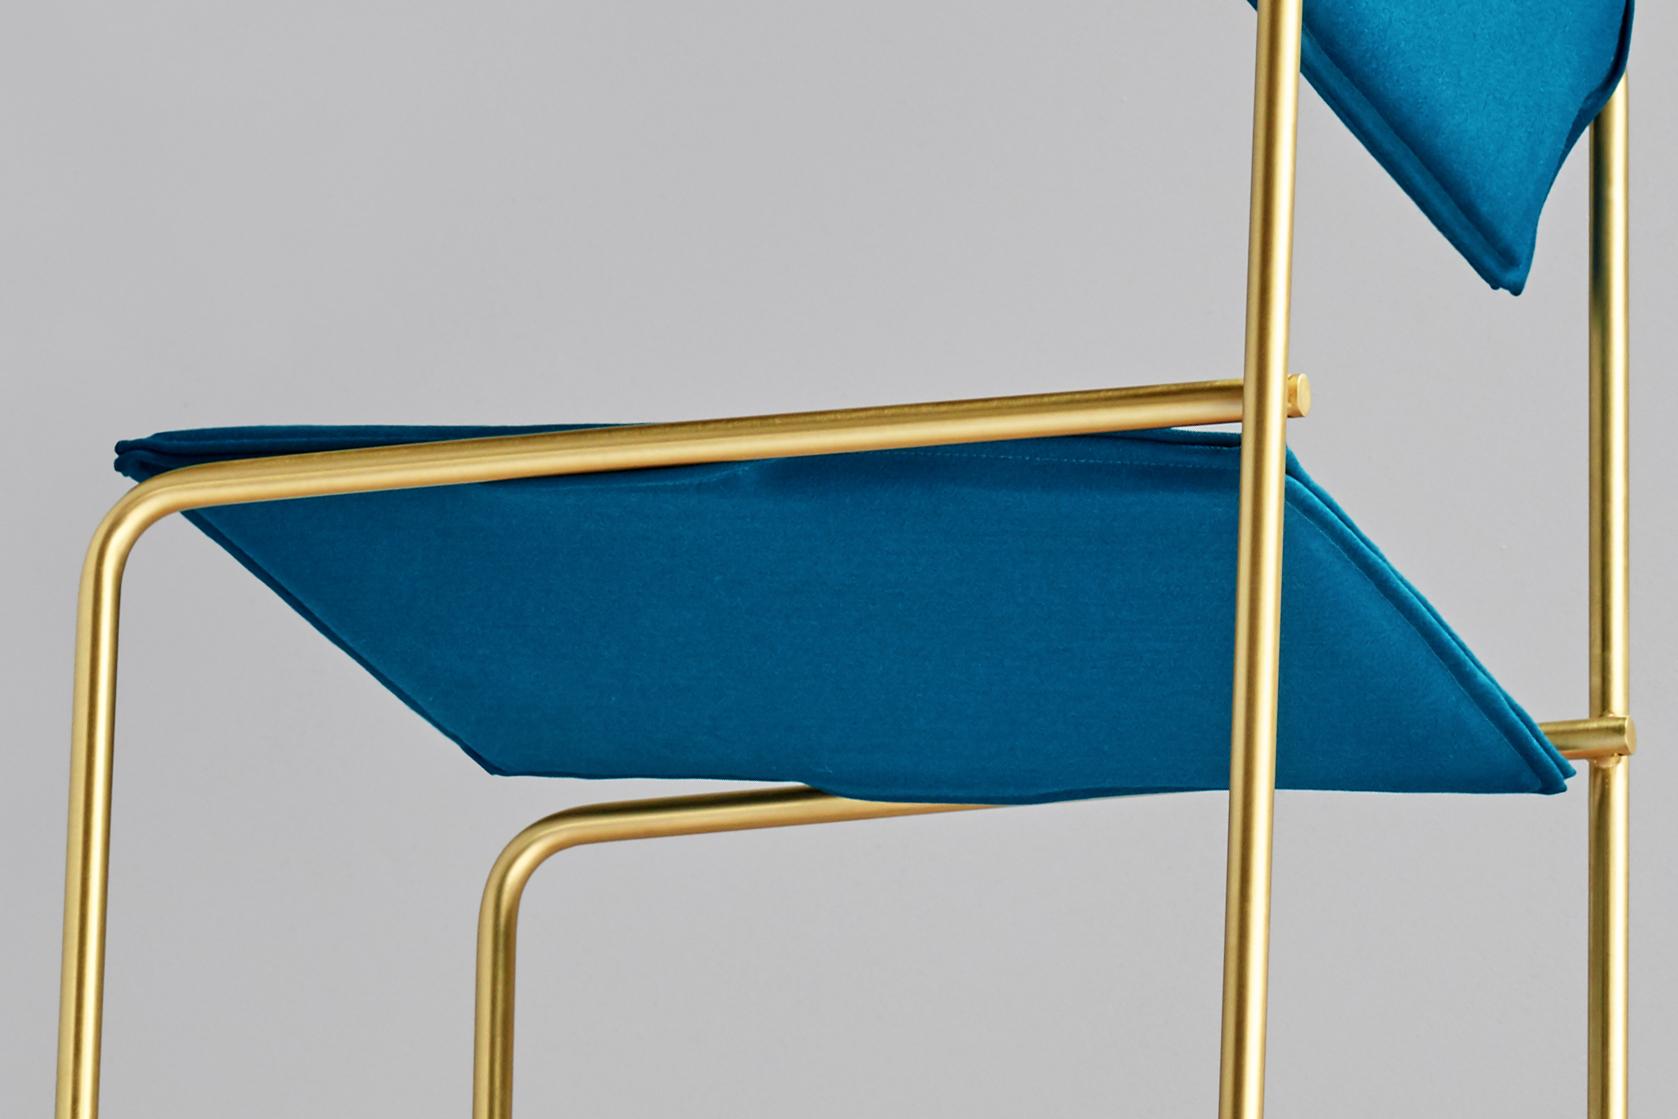 Trampol 237 N Chair By Cuatro Cuatros For Missana Sohomod Blog